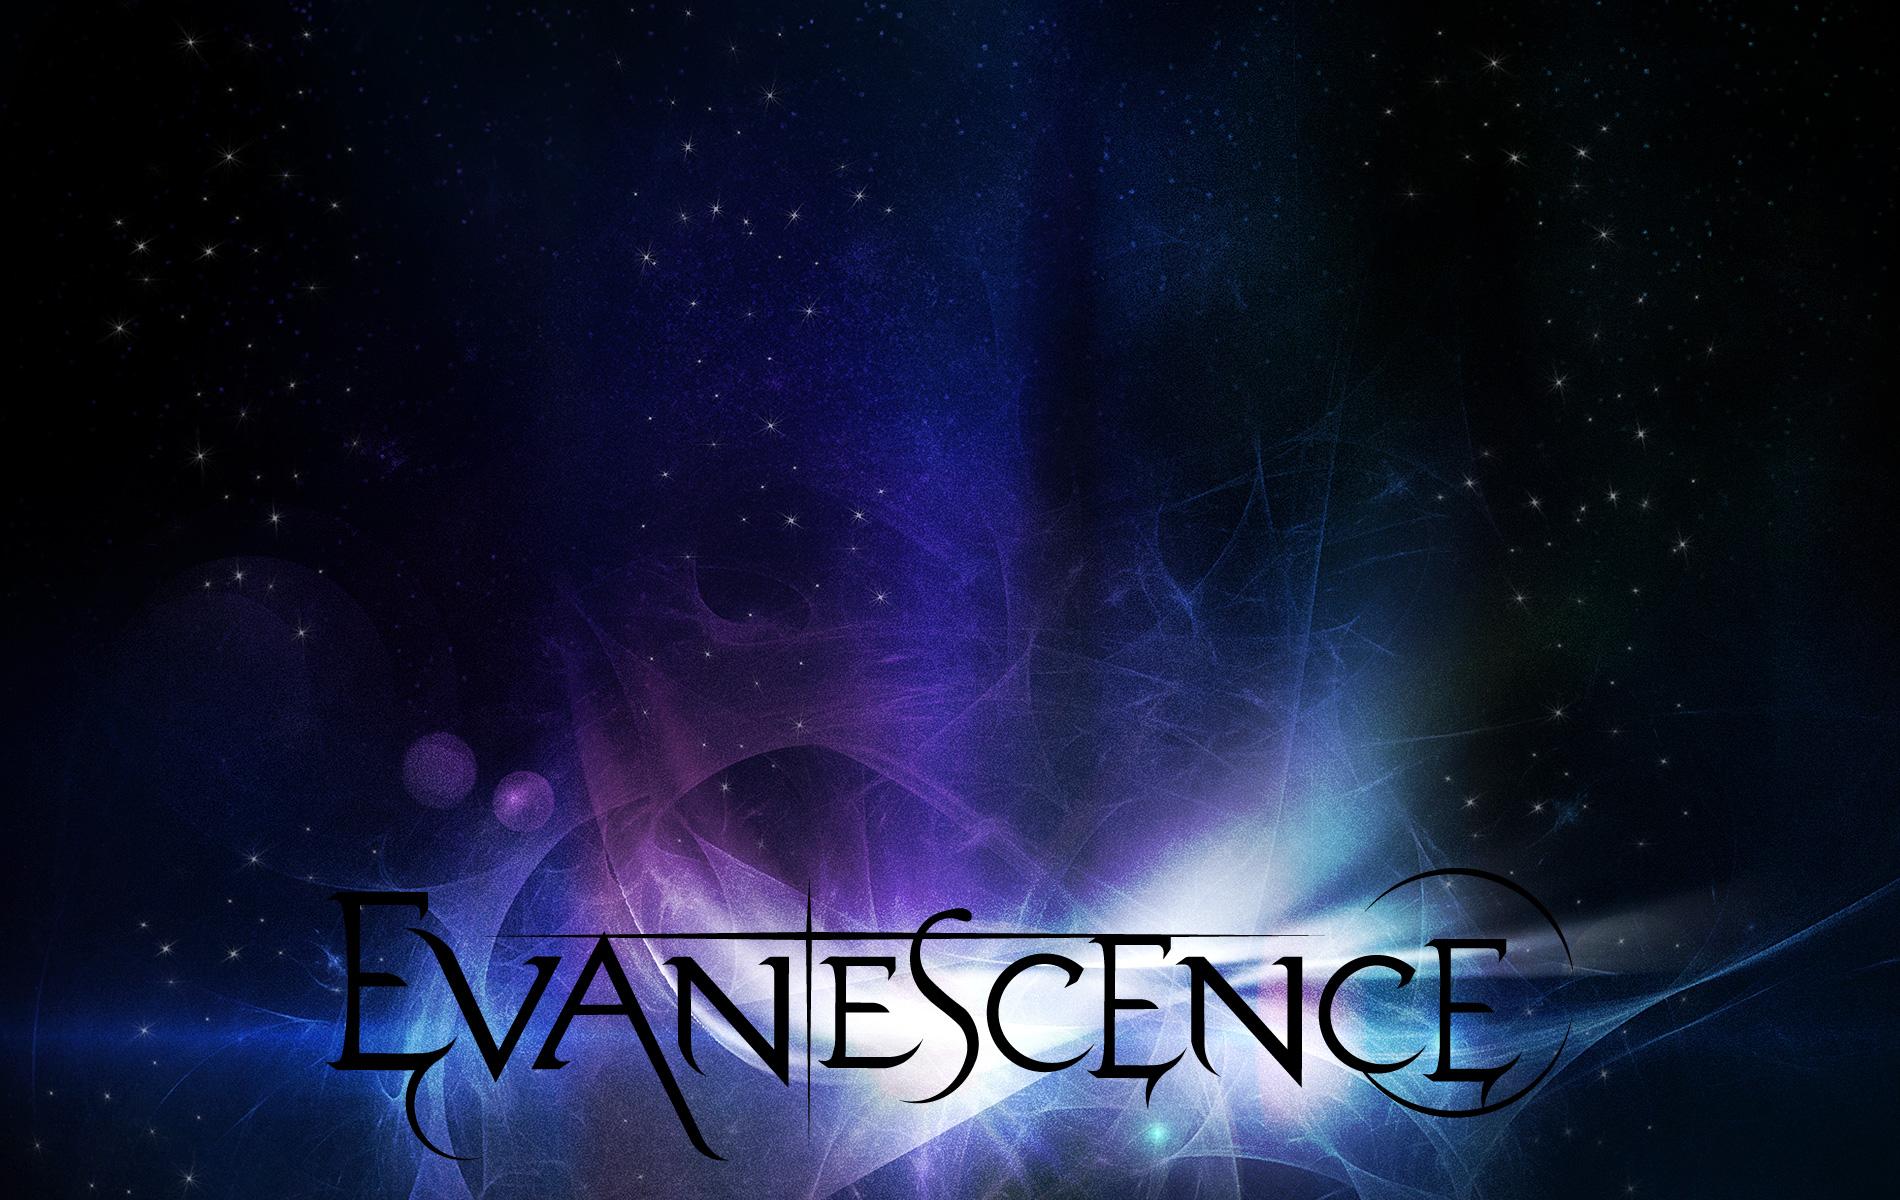 evanescence wallpaper   Evanescence Photo 28102380 1900x1200